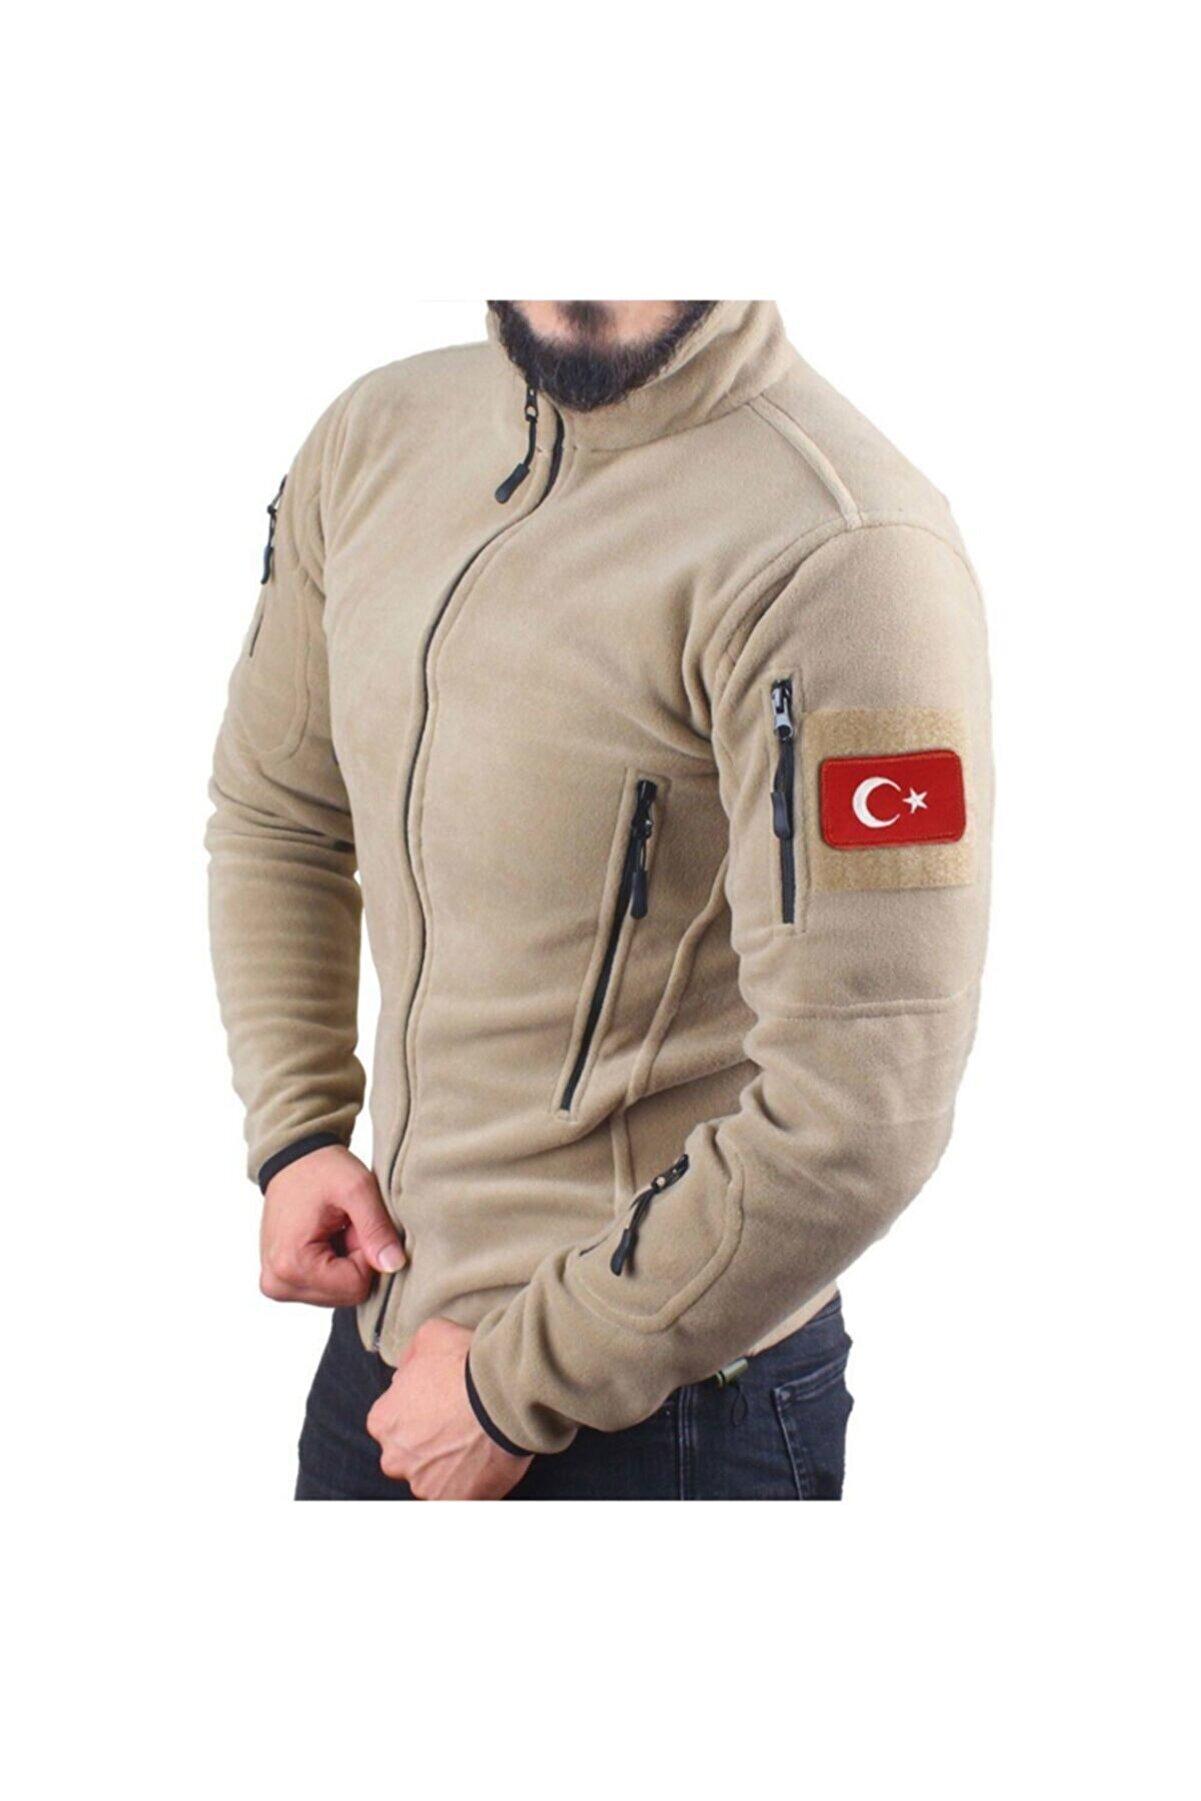 Silyon Askeri Giyim Askeri Tip Taktik Polar Mont Çöl Renk Ve Türk Bayrağı Peç